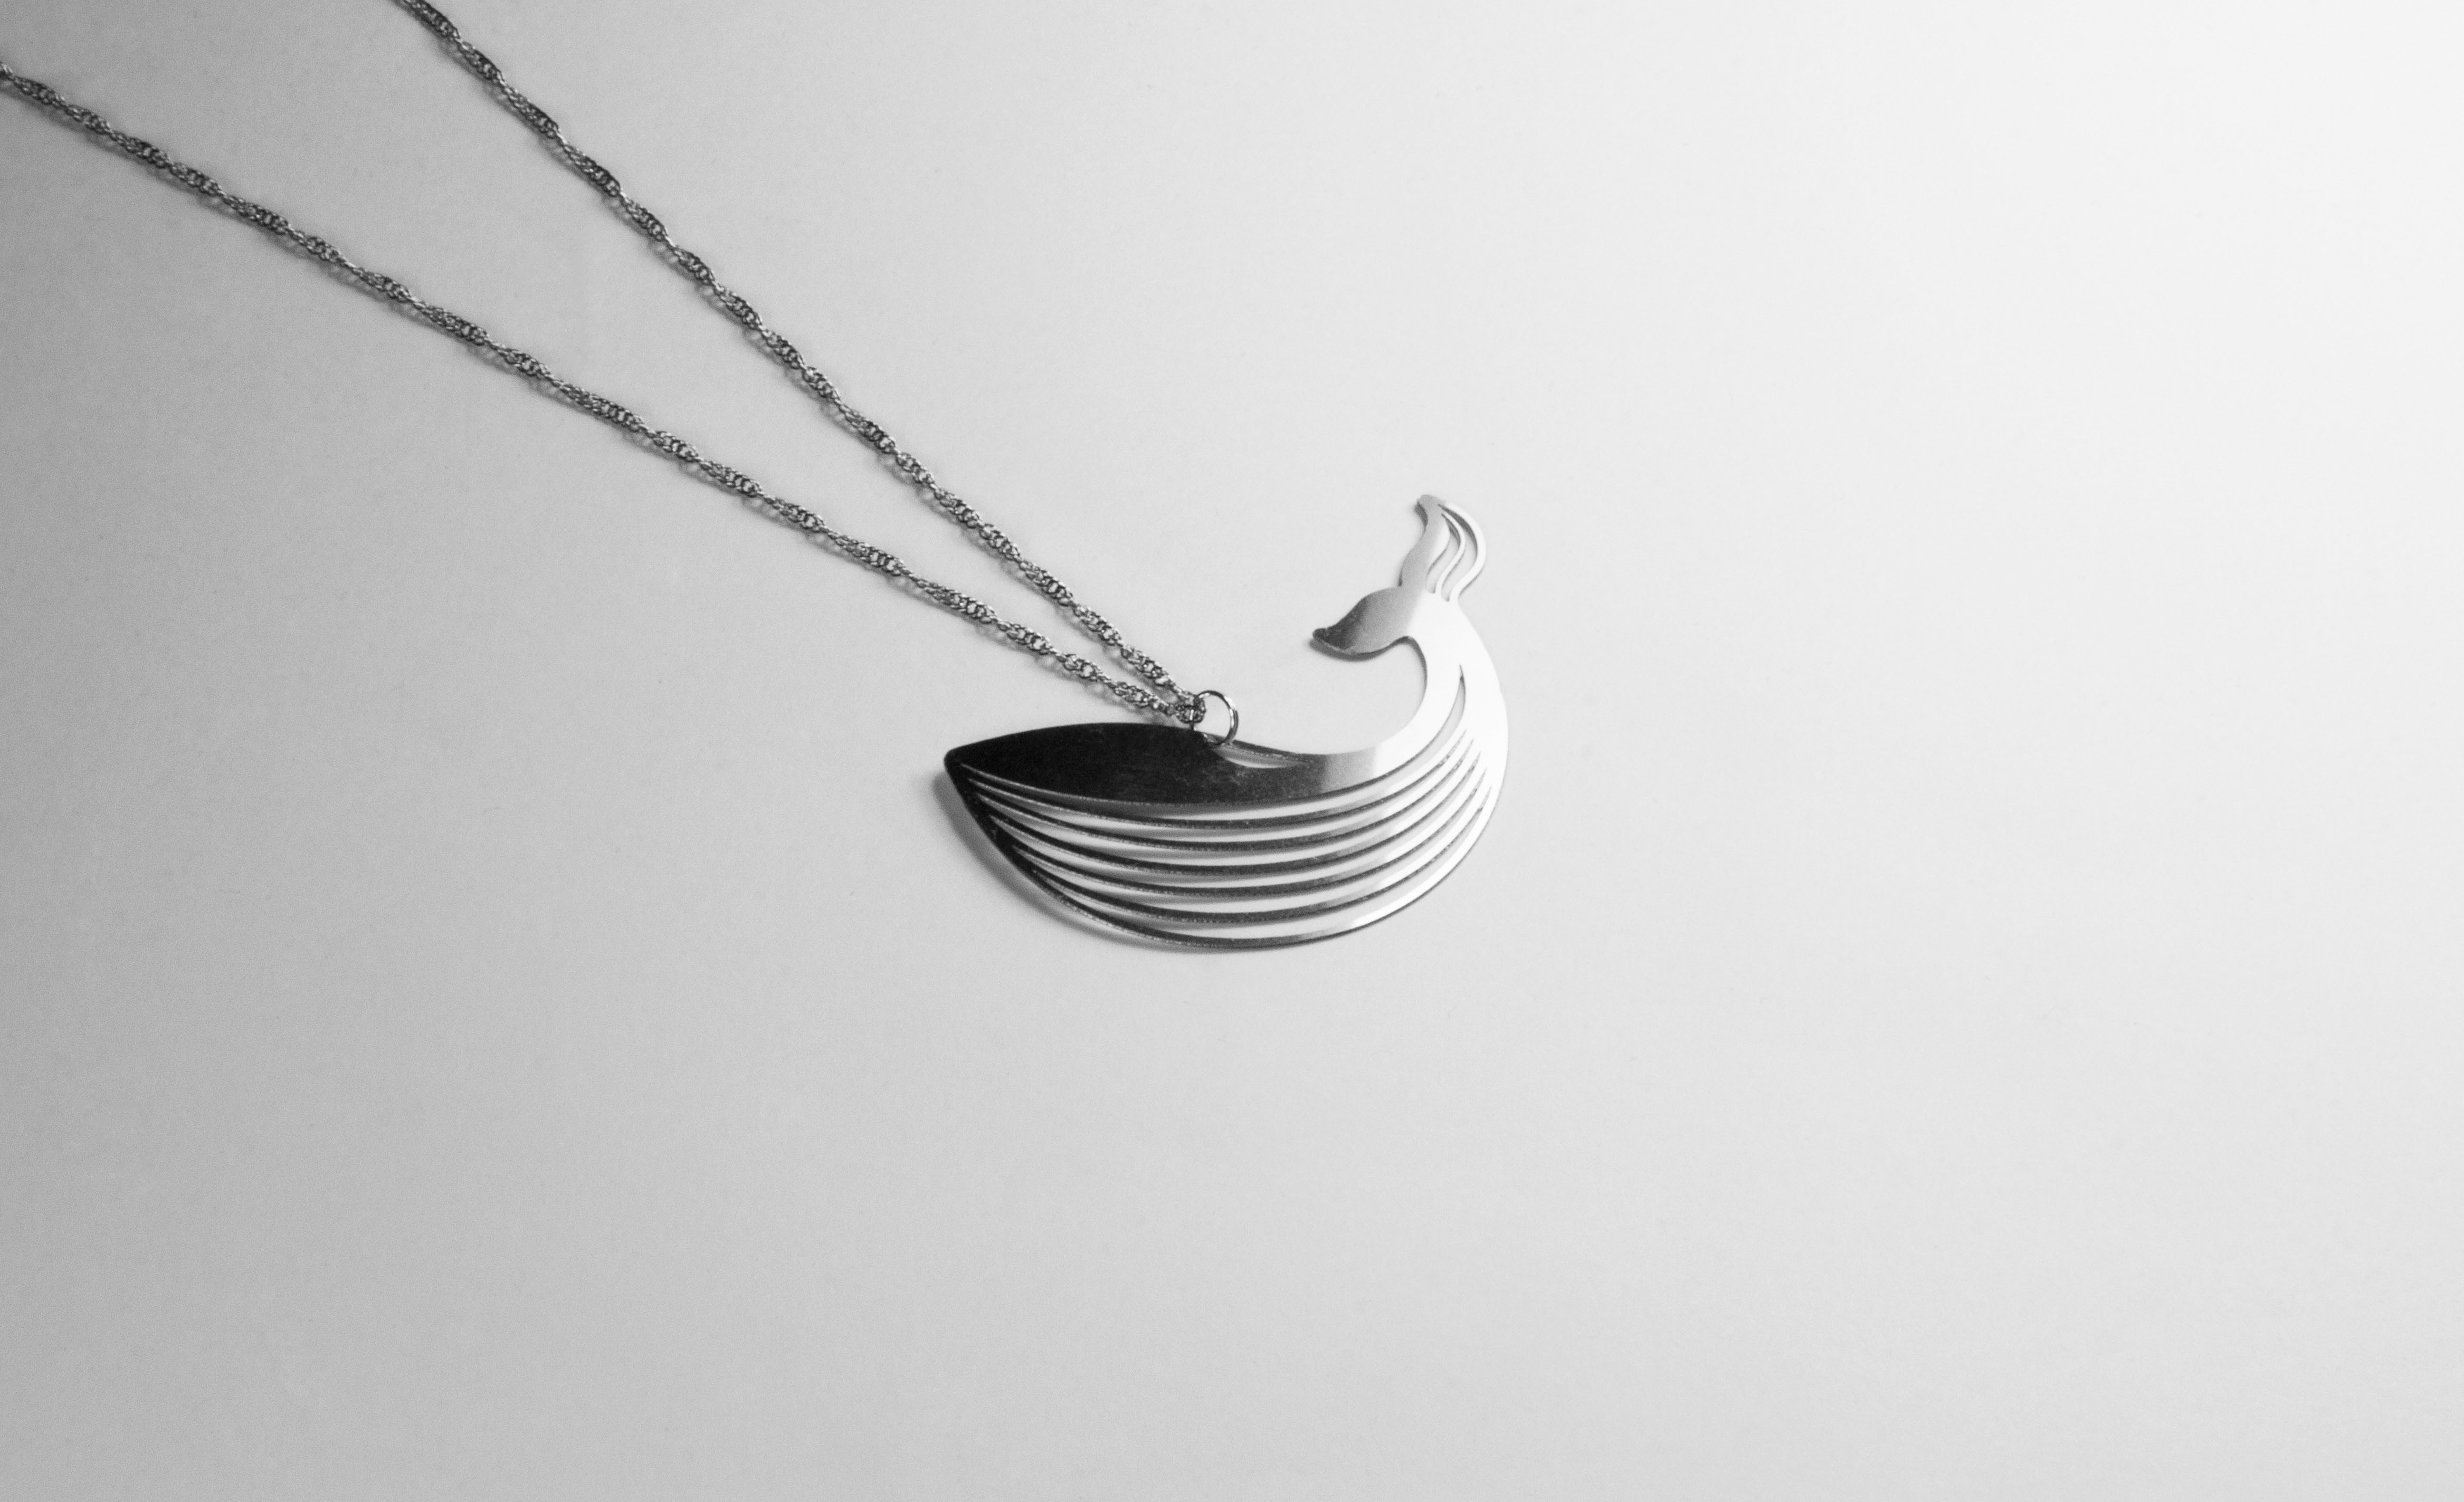 鯨魚項鍊_動物系列_造題